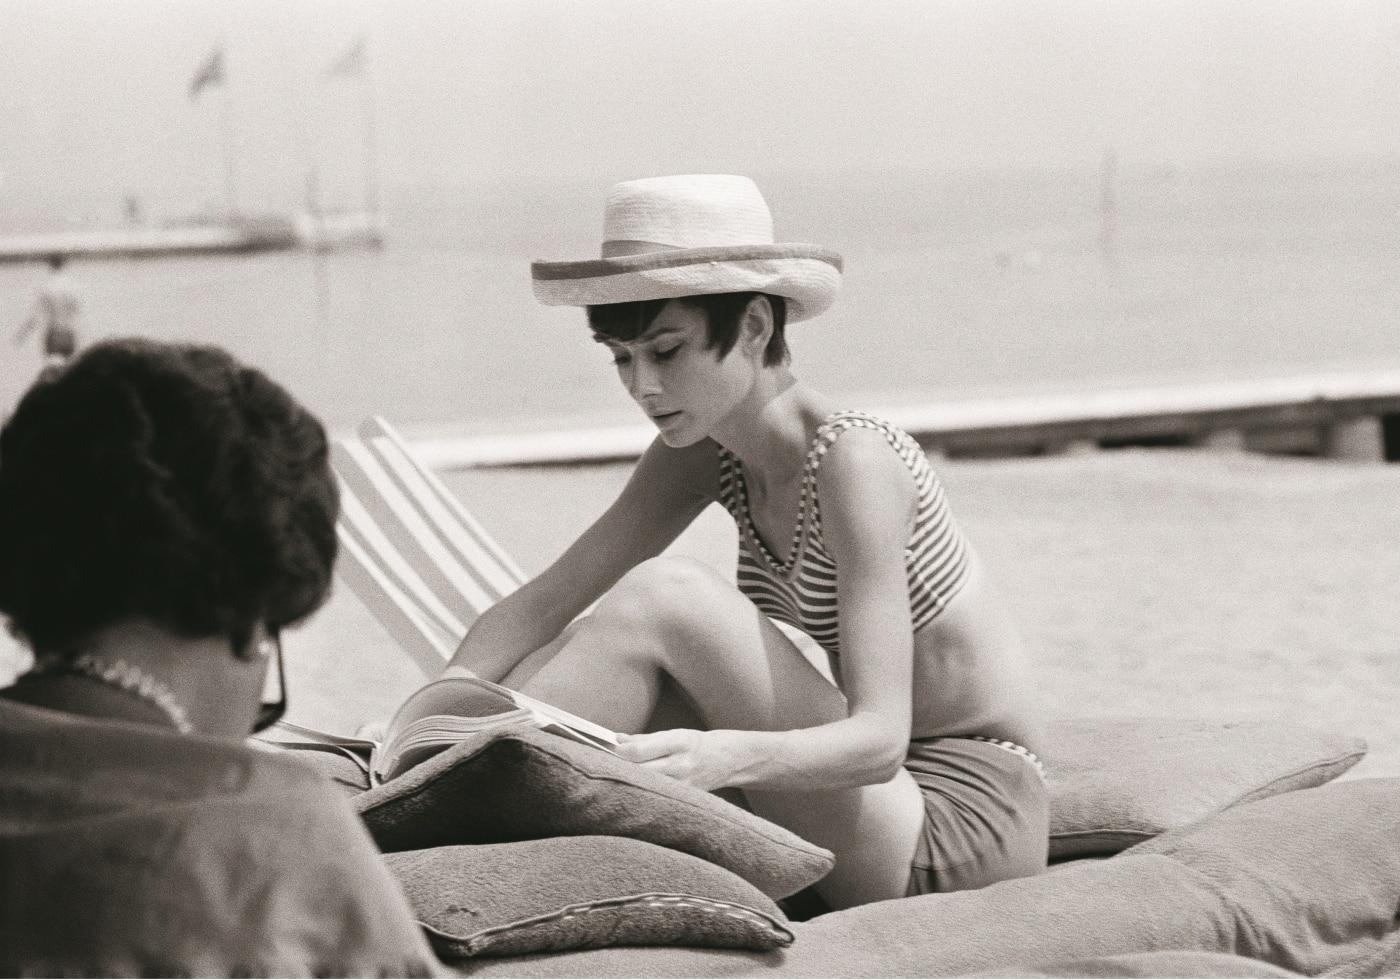 오드리 헵번과 안드레아 도티, 1969년 5월 오드리 헵번은 가족, 그리고 친구들과 자주 여행을 했다.